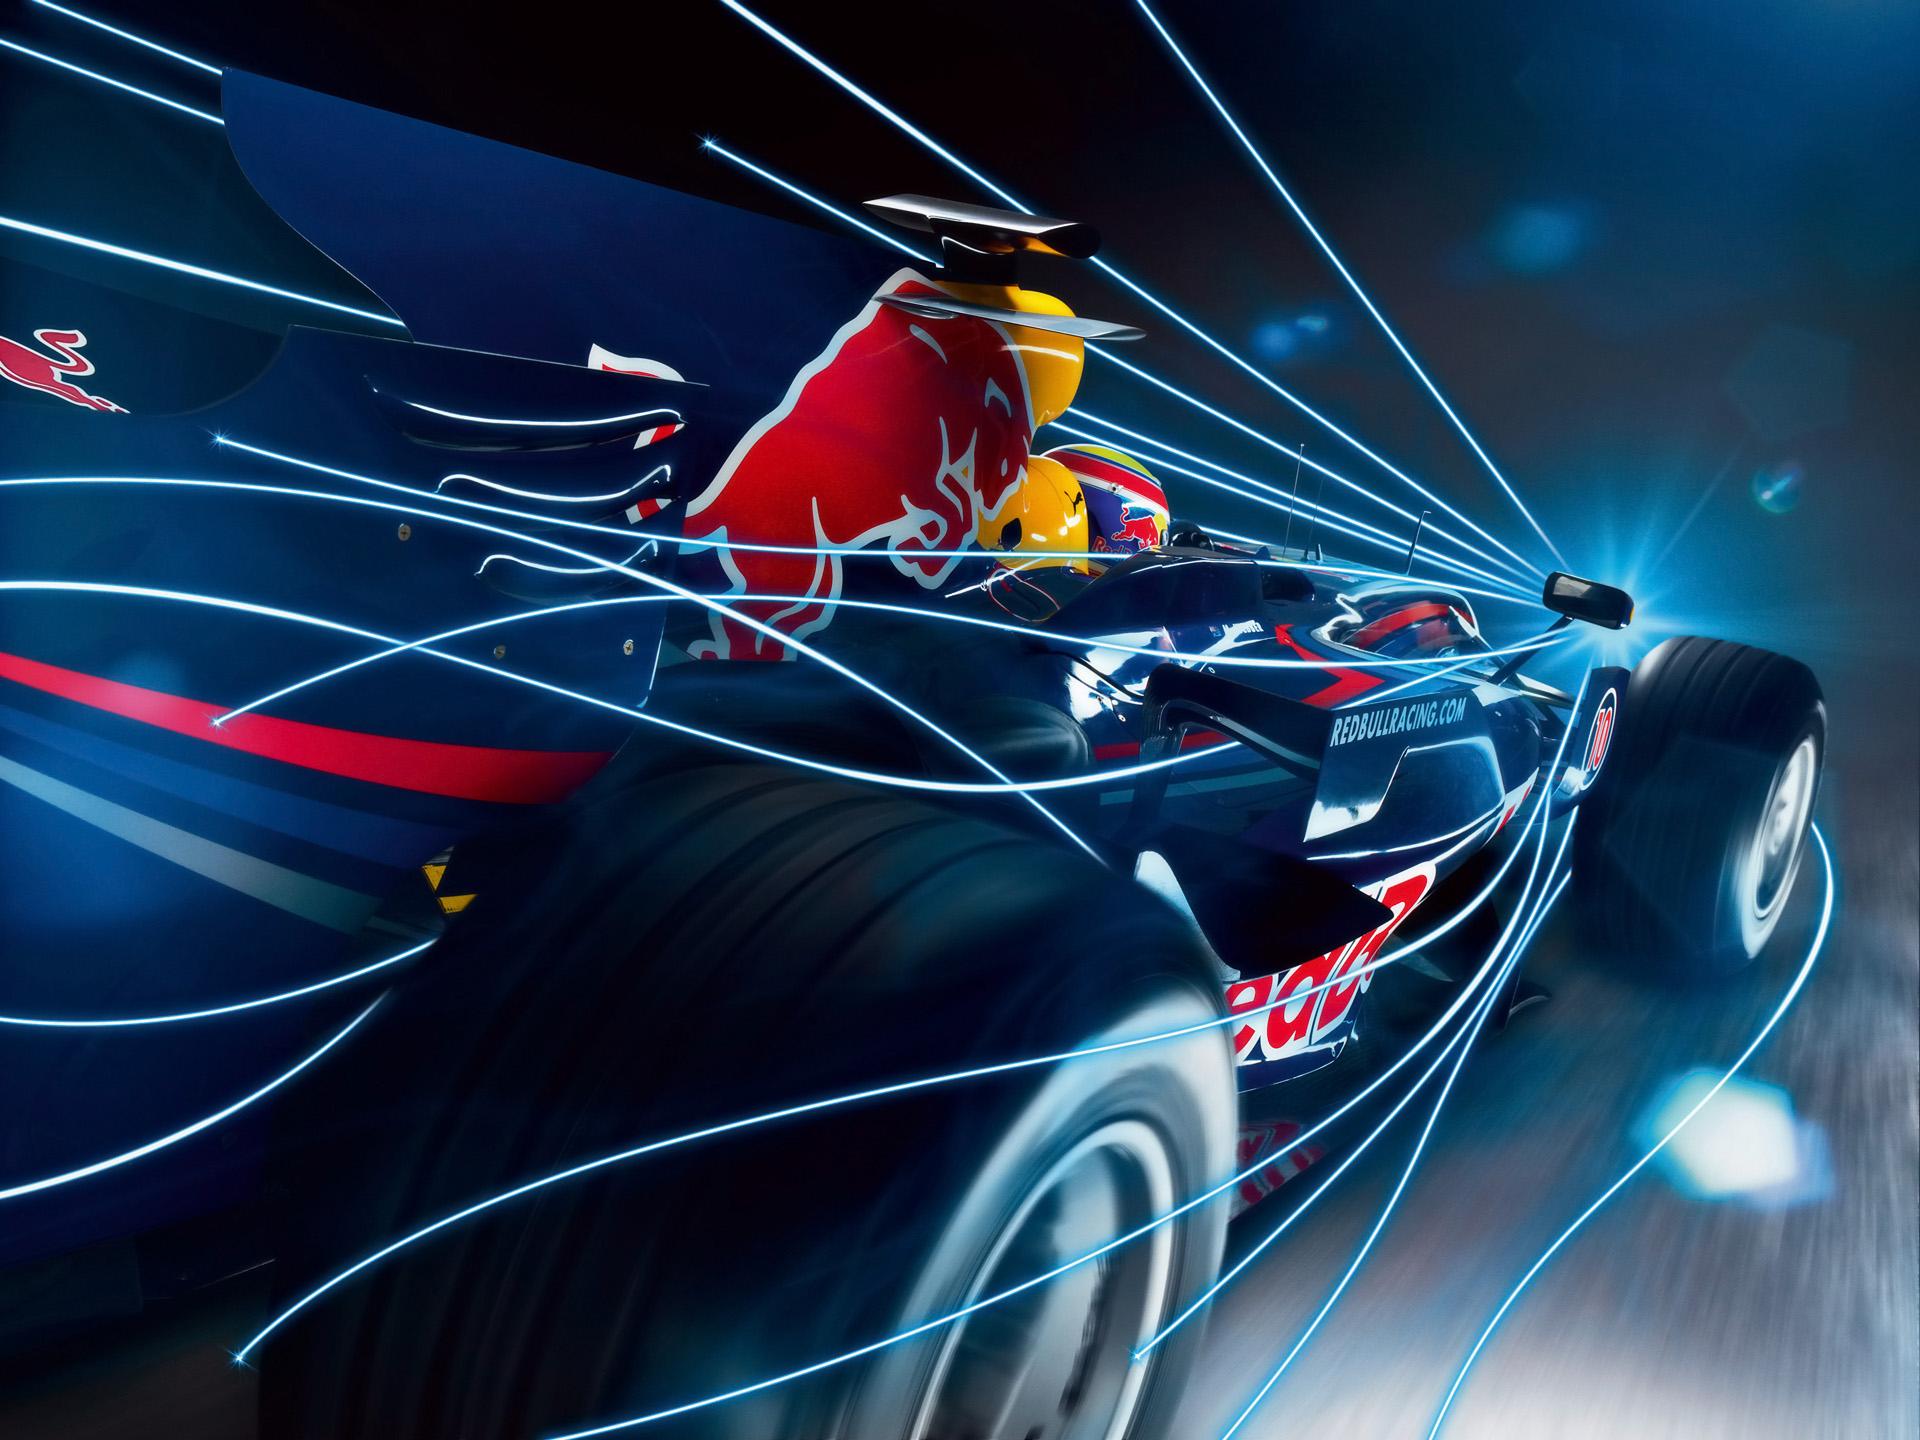 La Fórmula 1 en 3 dimensiones